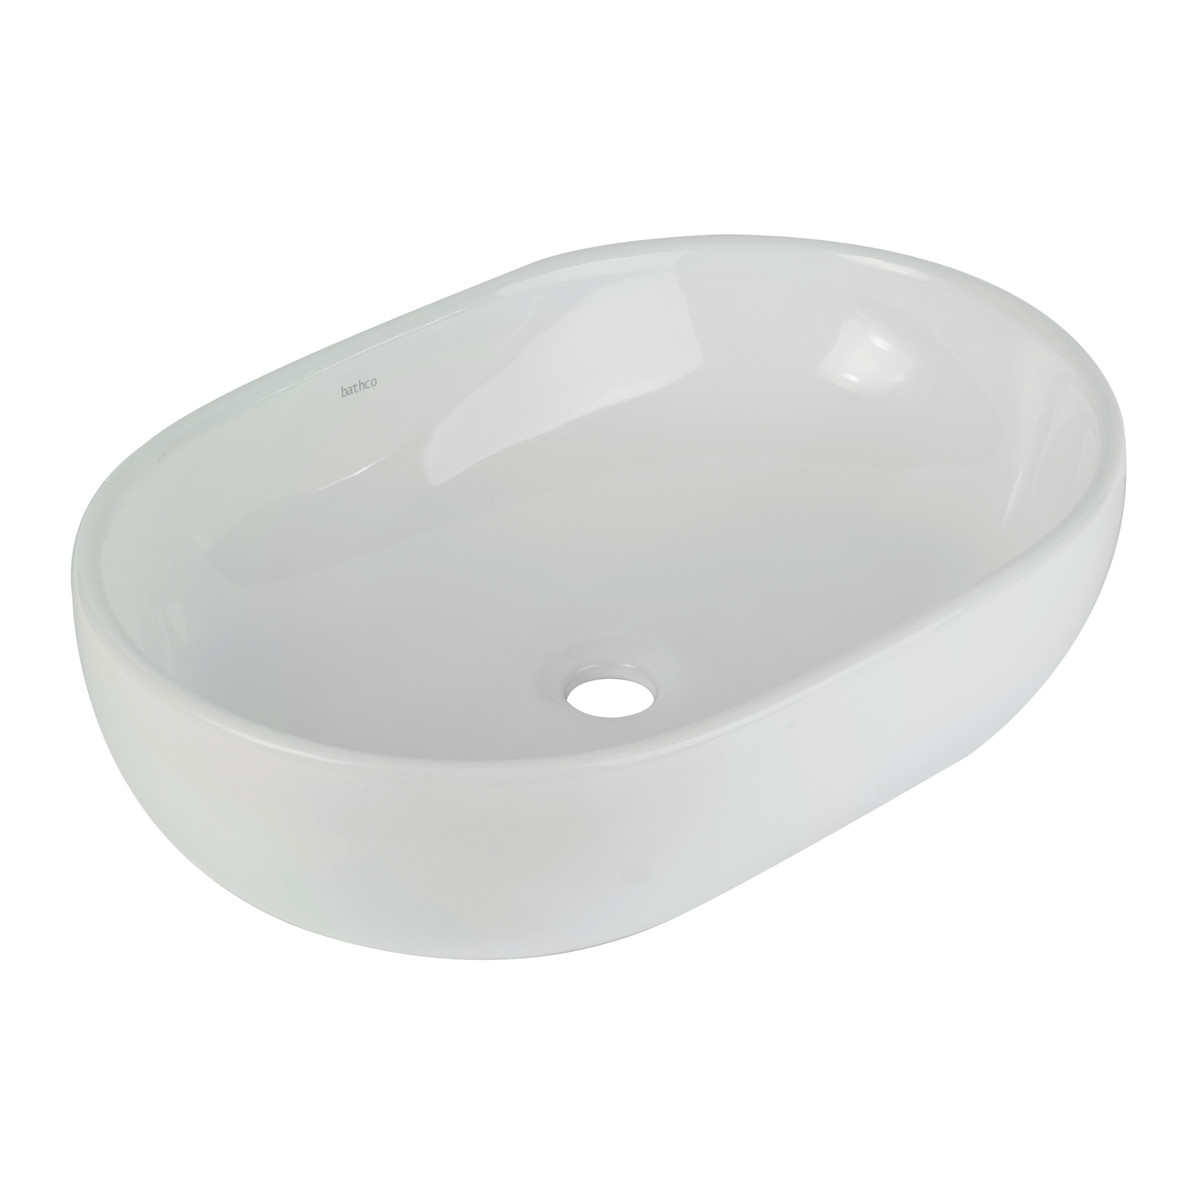 Top per lavabo d'appoggio Plan 6 x 90 x 51 cm: prezzi e offerte online